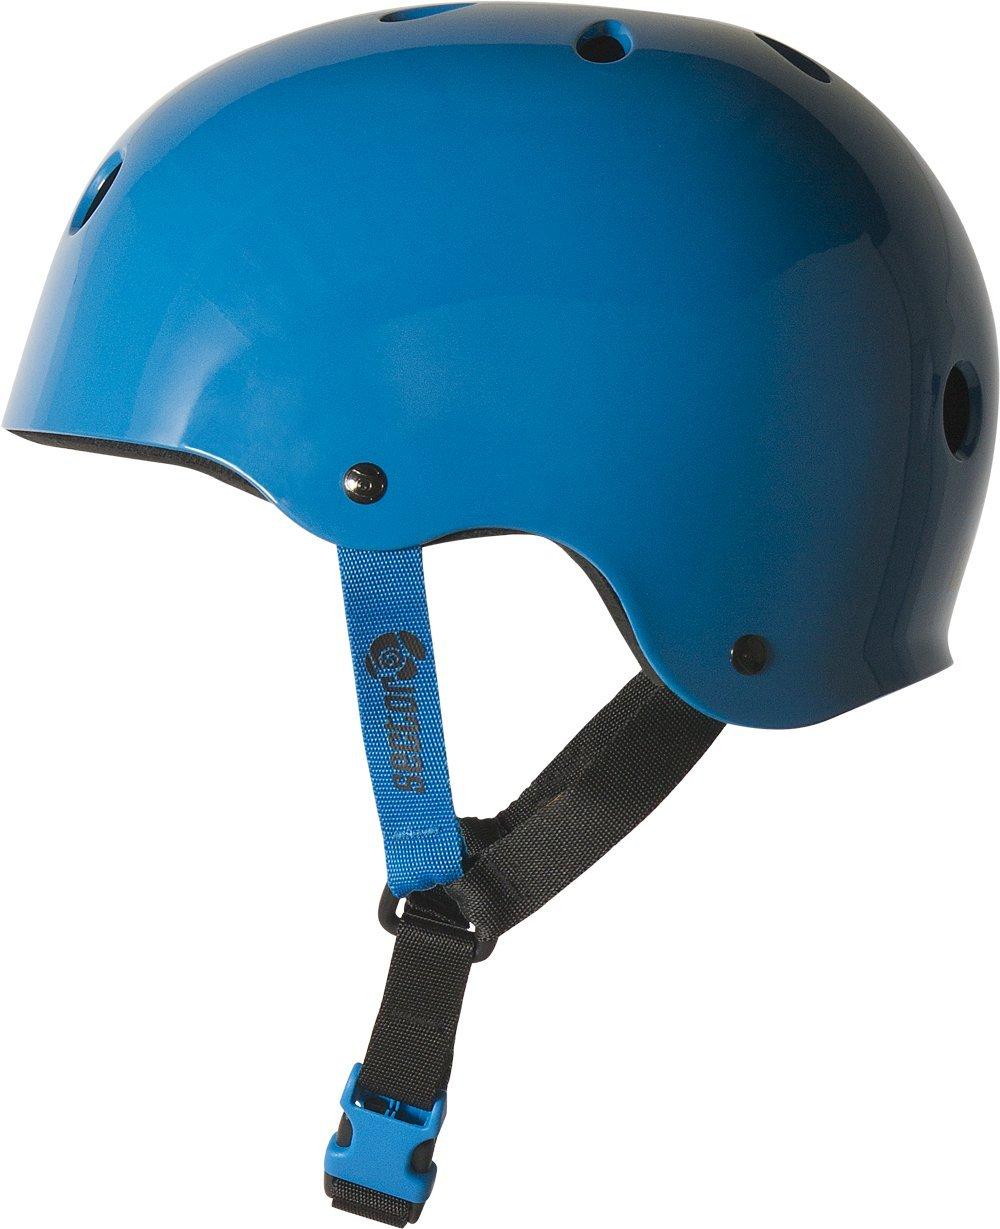 Sector 9 Summit CPSC Bucket Helmet, Blue, Small/Medium